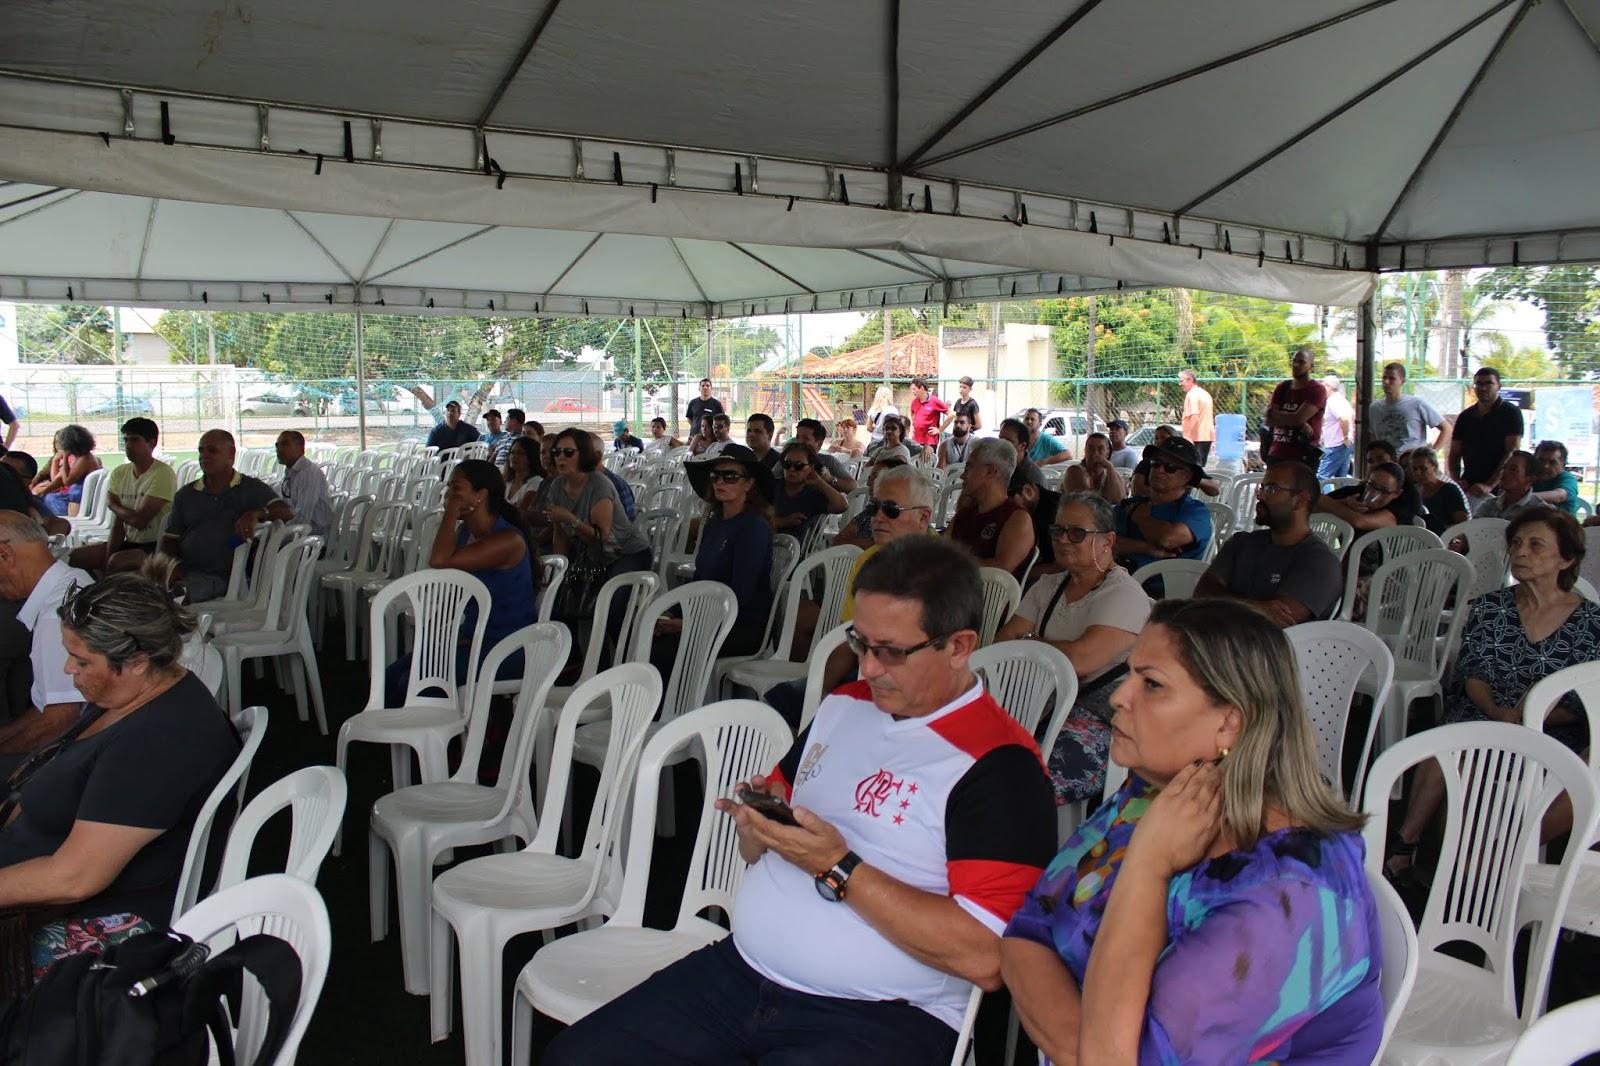 IMG 2836 - Novo administrador do Paranoá, Sergio Damasceno, começa seu primeiro dia de trabalho no Domingo ouvindo a comunidade local.